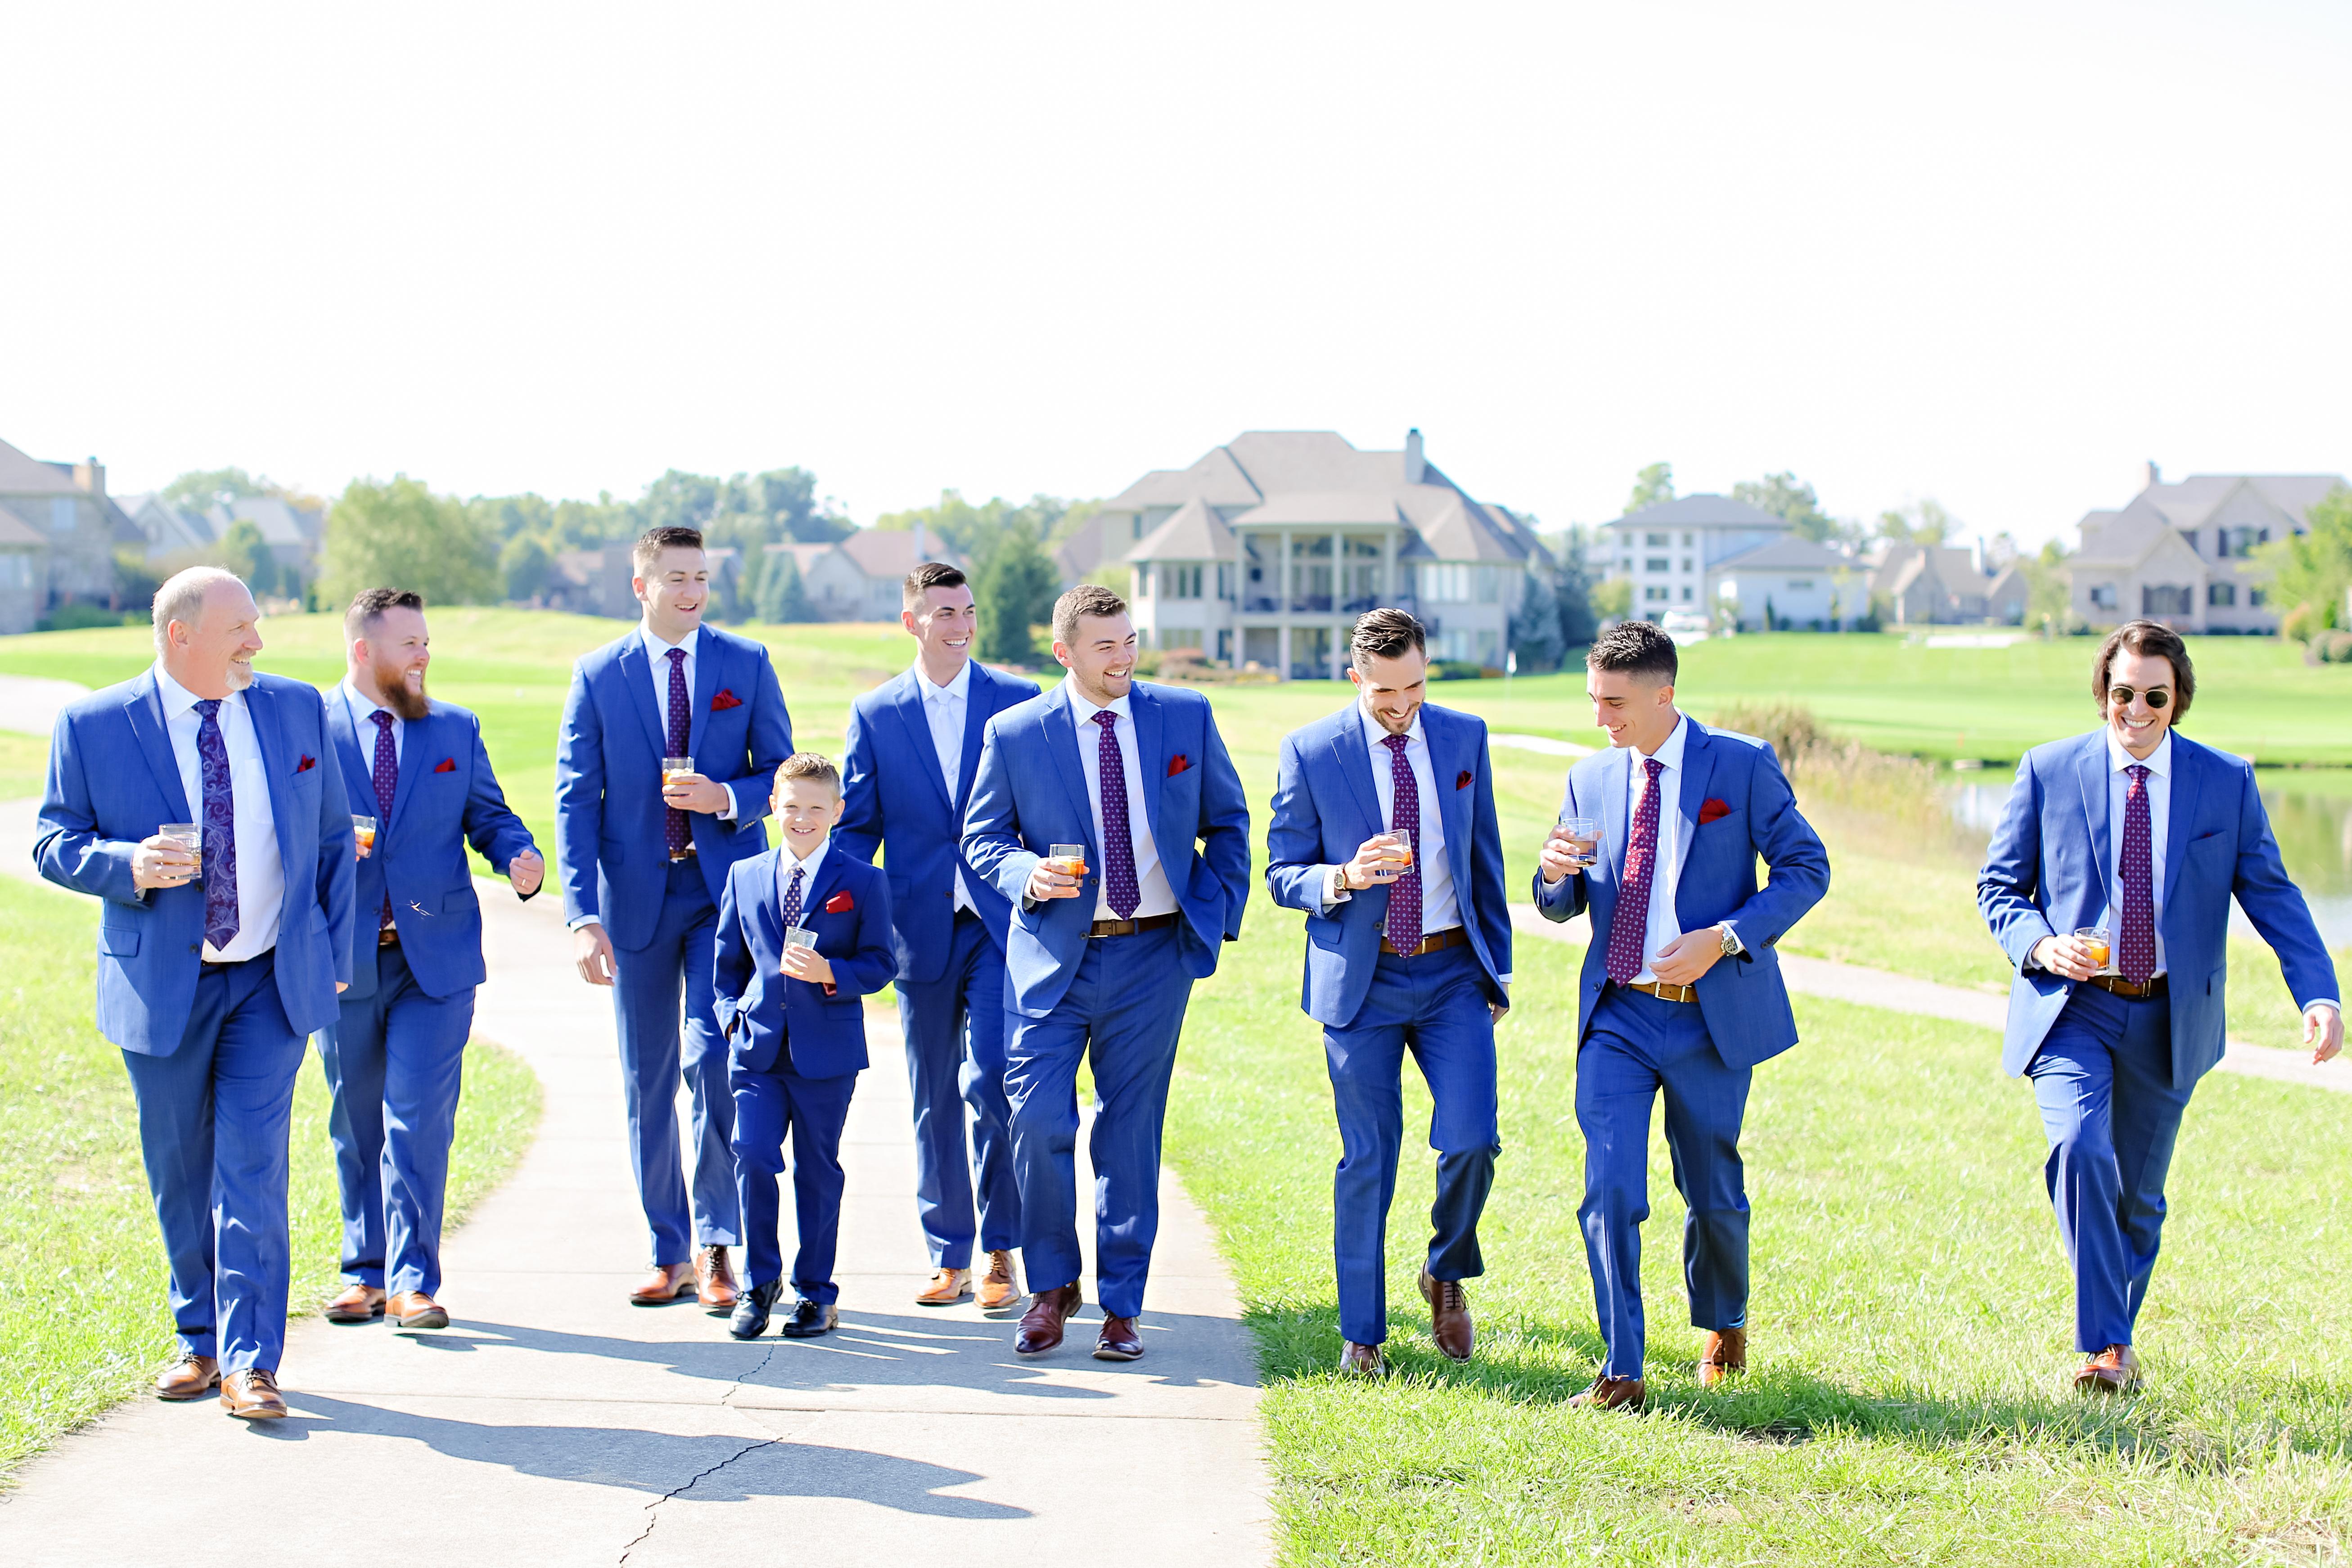 Jordan Ryan Indiana Roof Ballroom Wedding 050